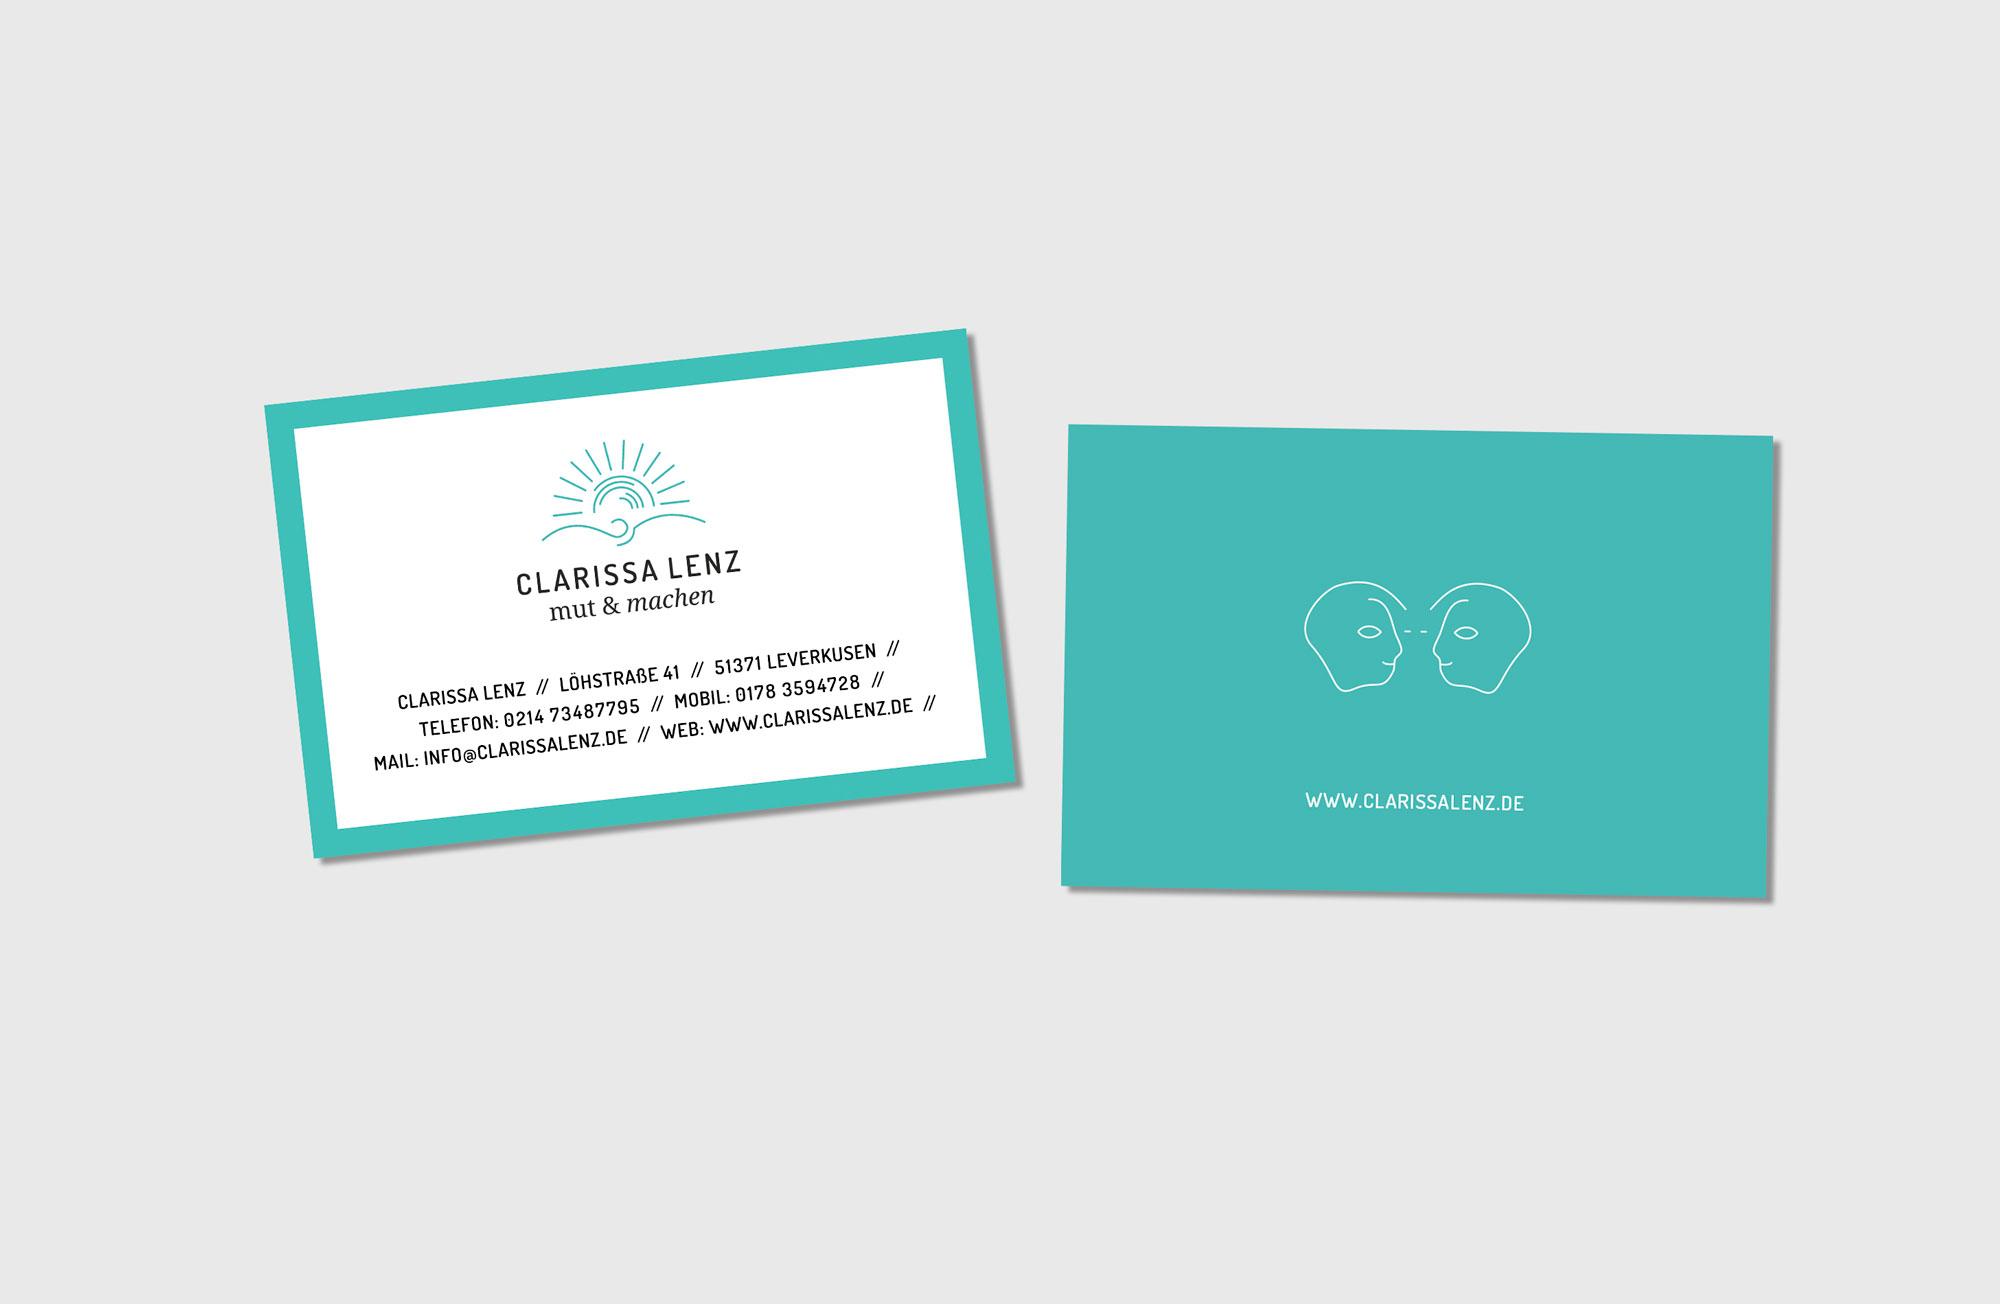 Clarissa Lenz Visitenkarten